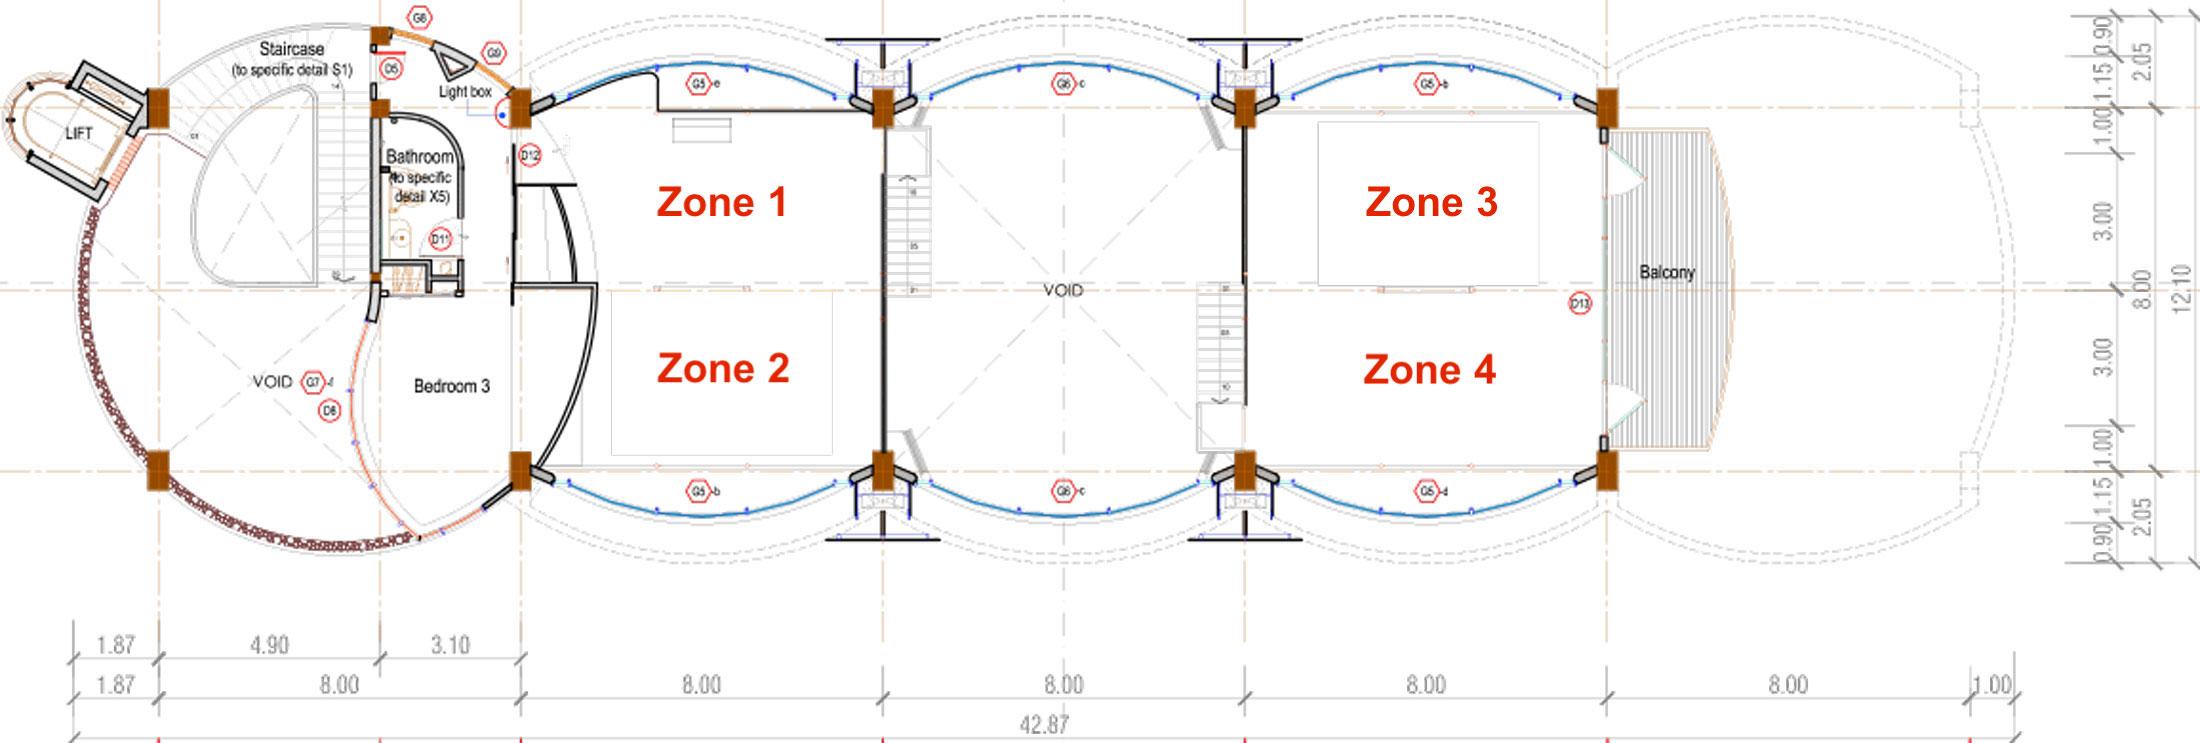 shared office -floor-mezzanines zones.jpg